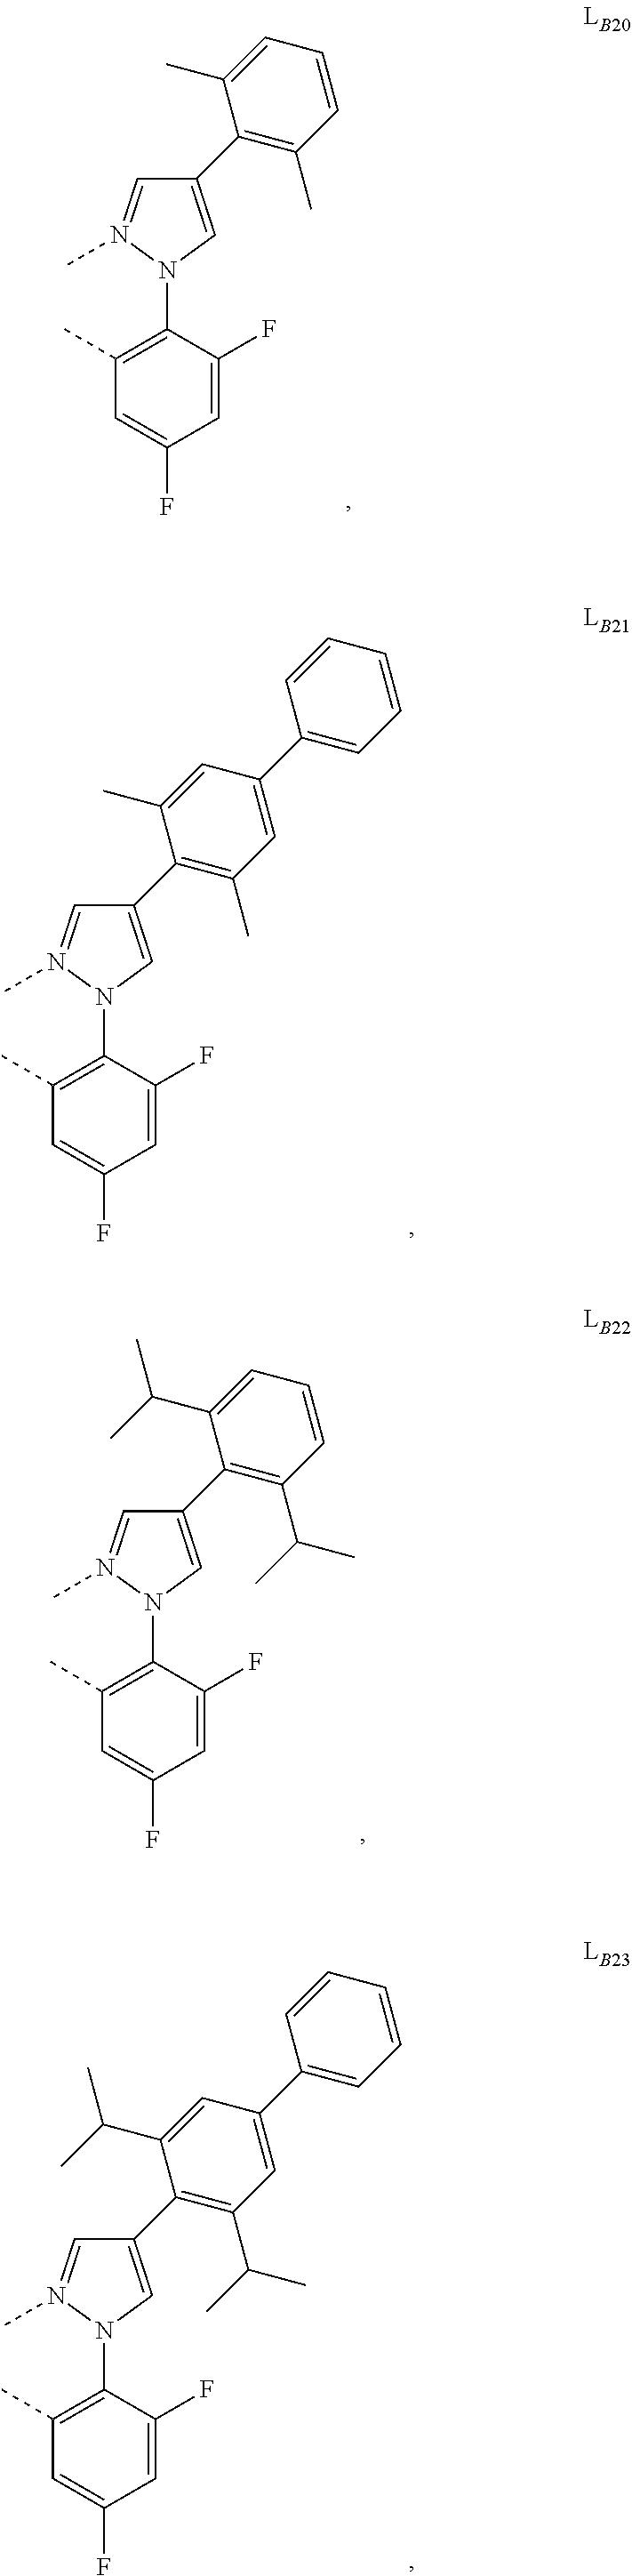 Figure US09905785-20180227-C00561